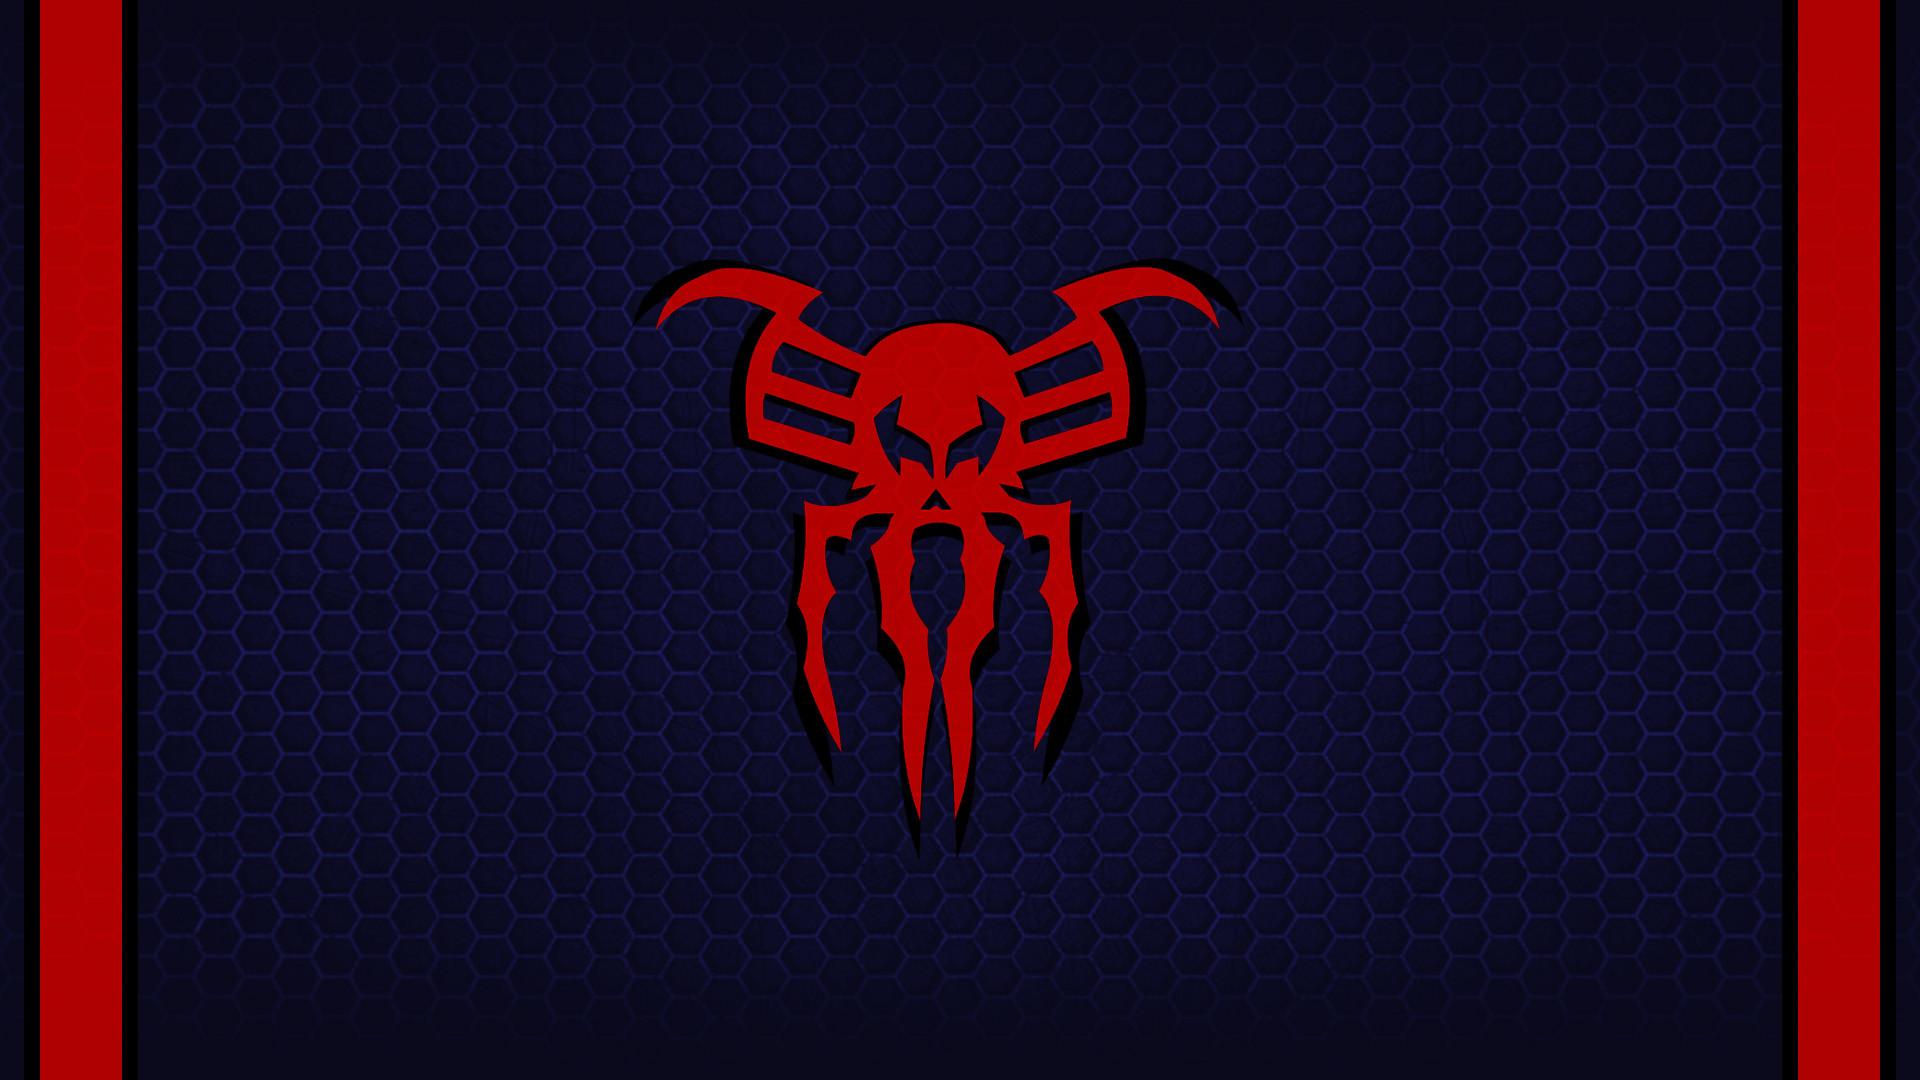 SpiderMan 2099 Wallpaper by Fire-Dash-89 on DeviantArt